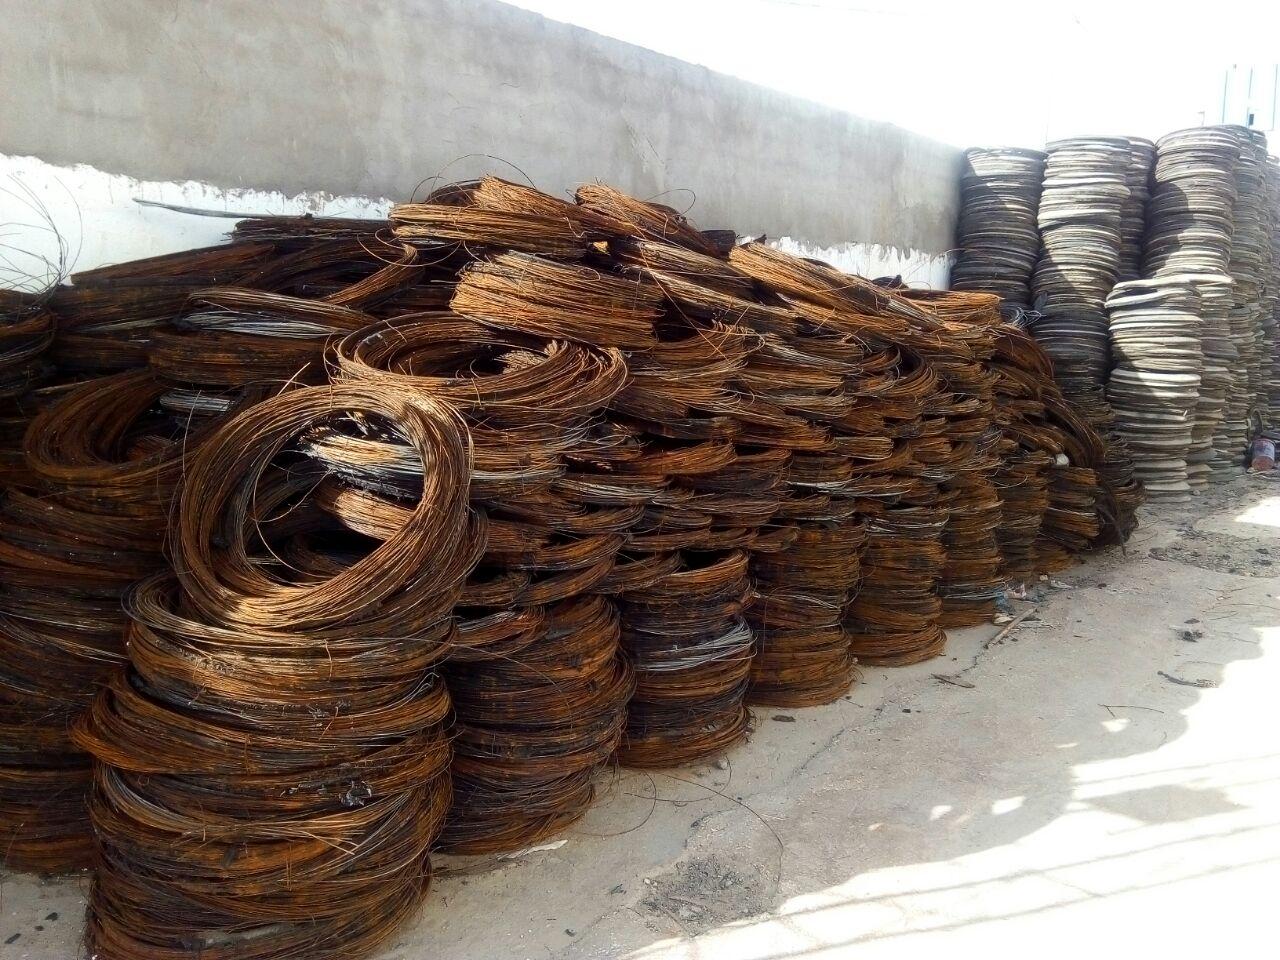 Scrap Buyers in Pakistan, Scrap Buy Offers, Wholesale Scrap